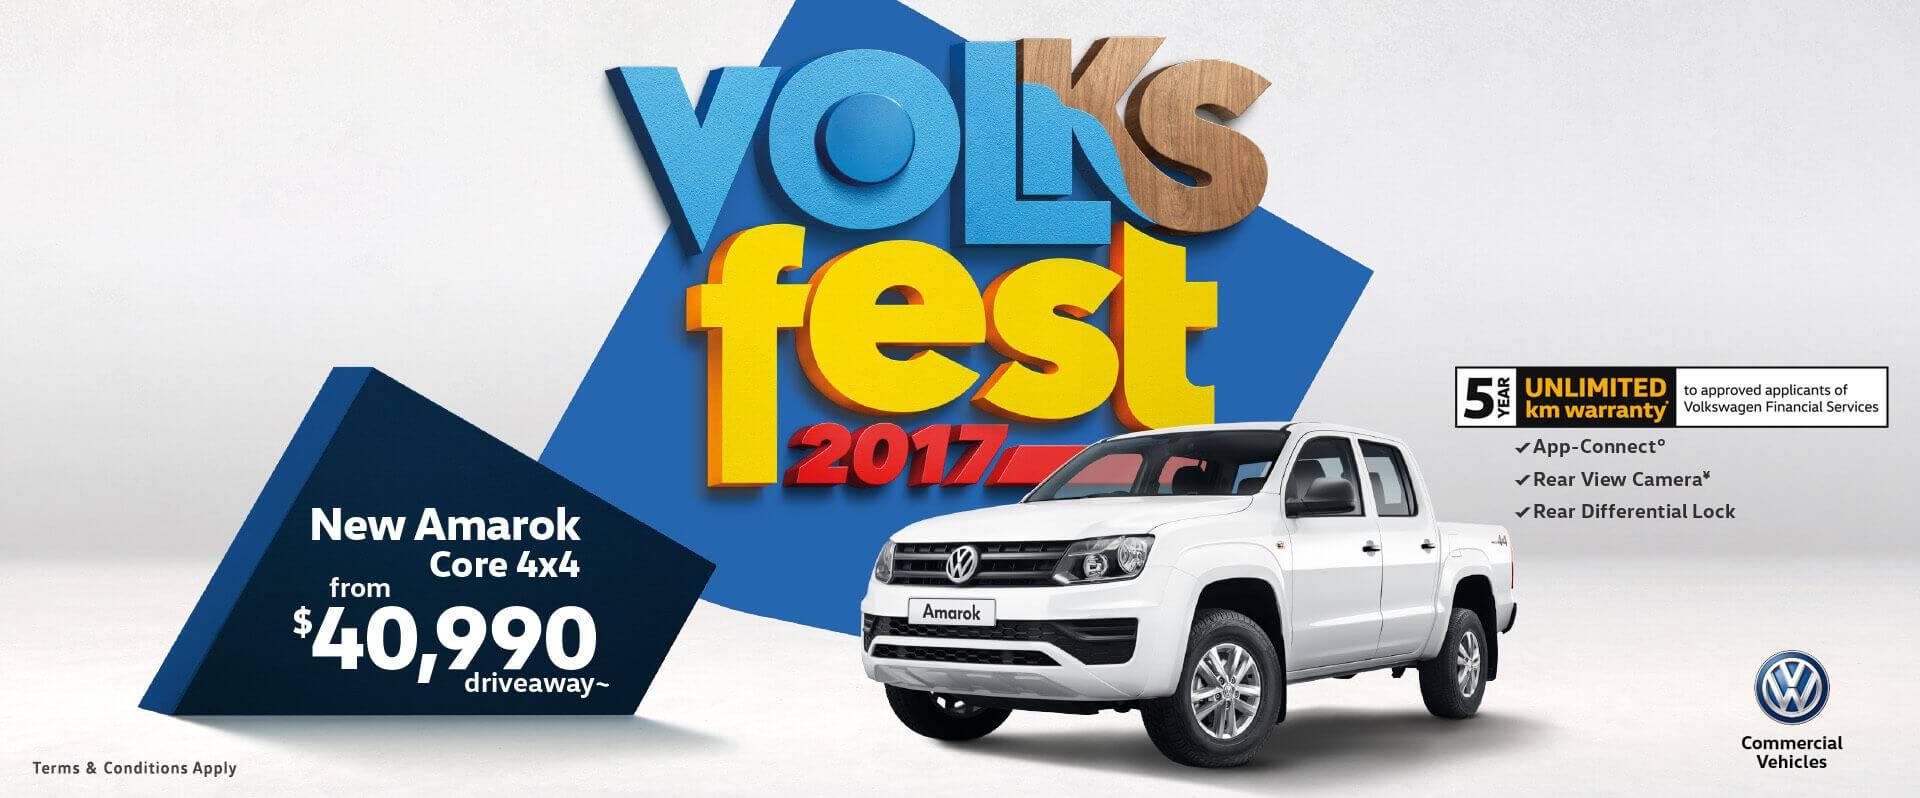 Volkswagen Commercial offer